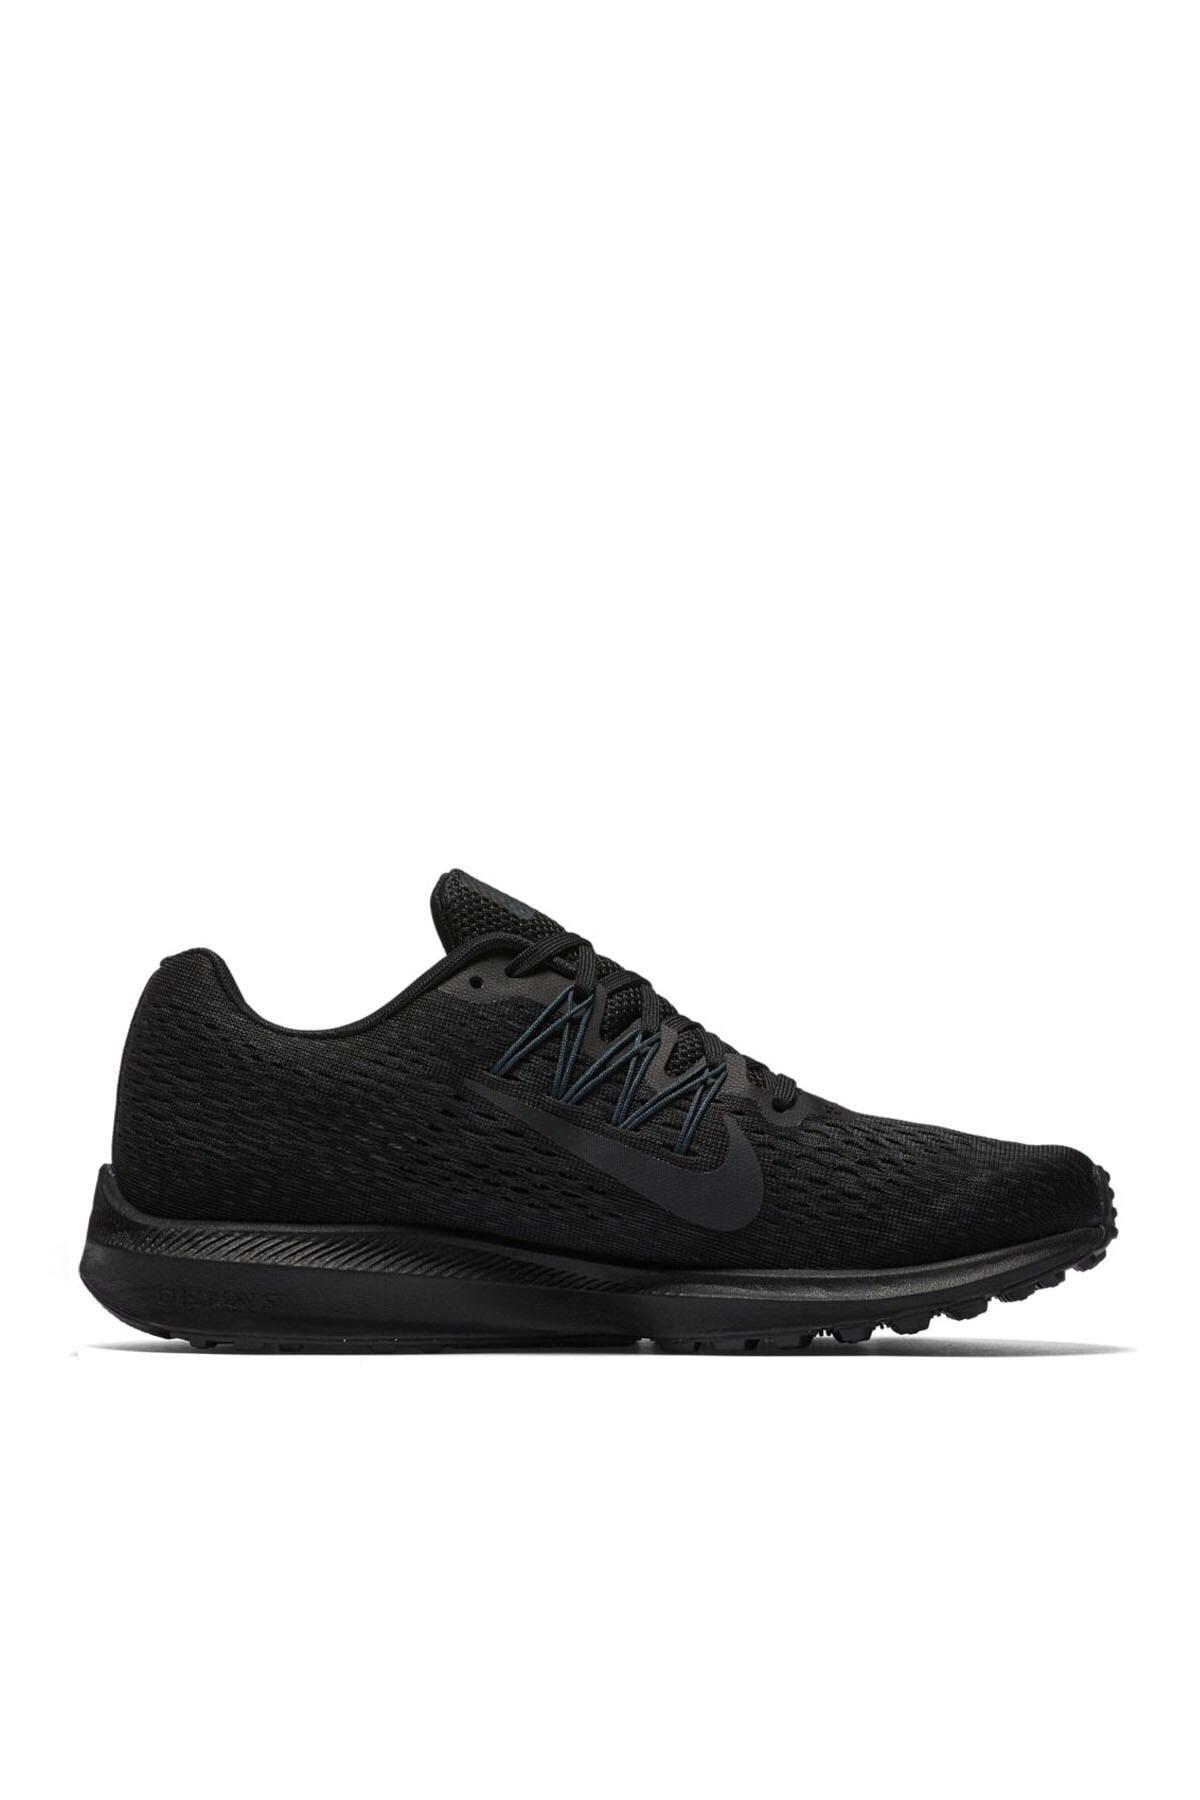 Nike Kadın Siyah Koşu Ayakkabısı  Wmns Nıke Zoom Wınflo 5  Aa7414-002 2